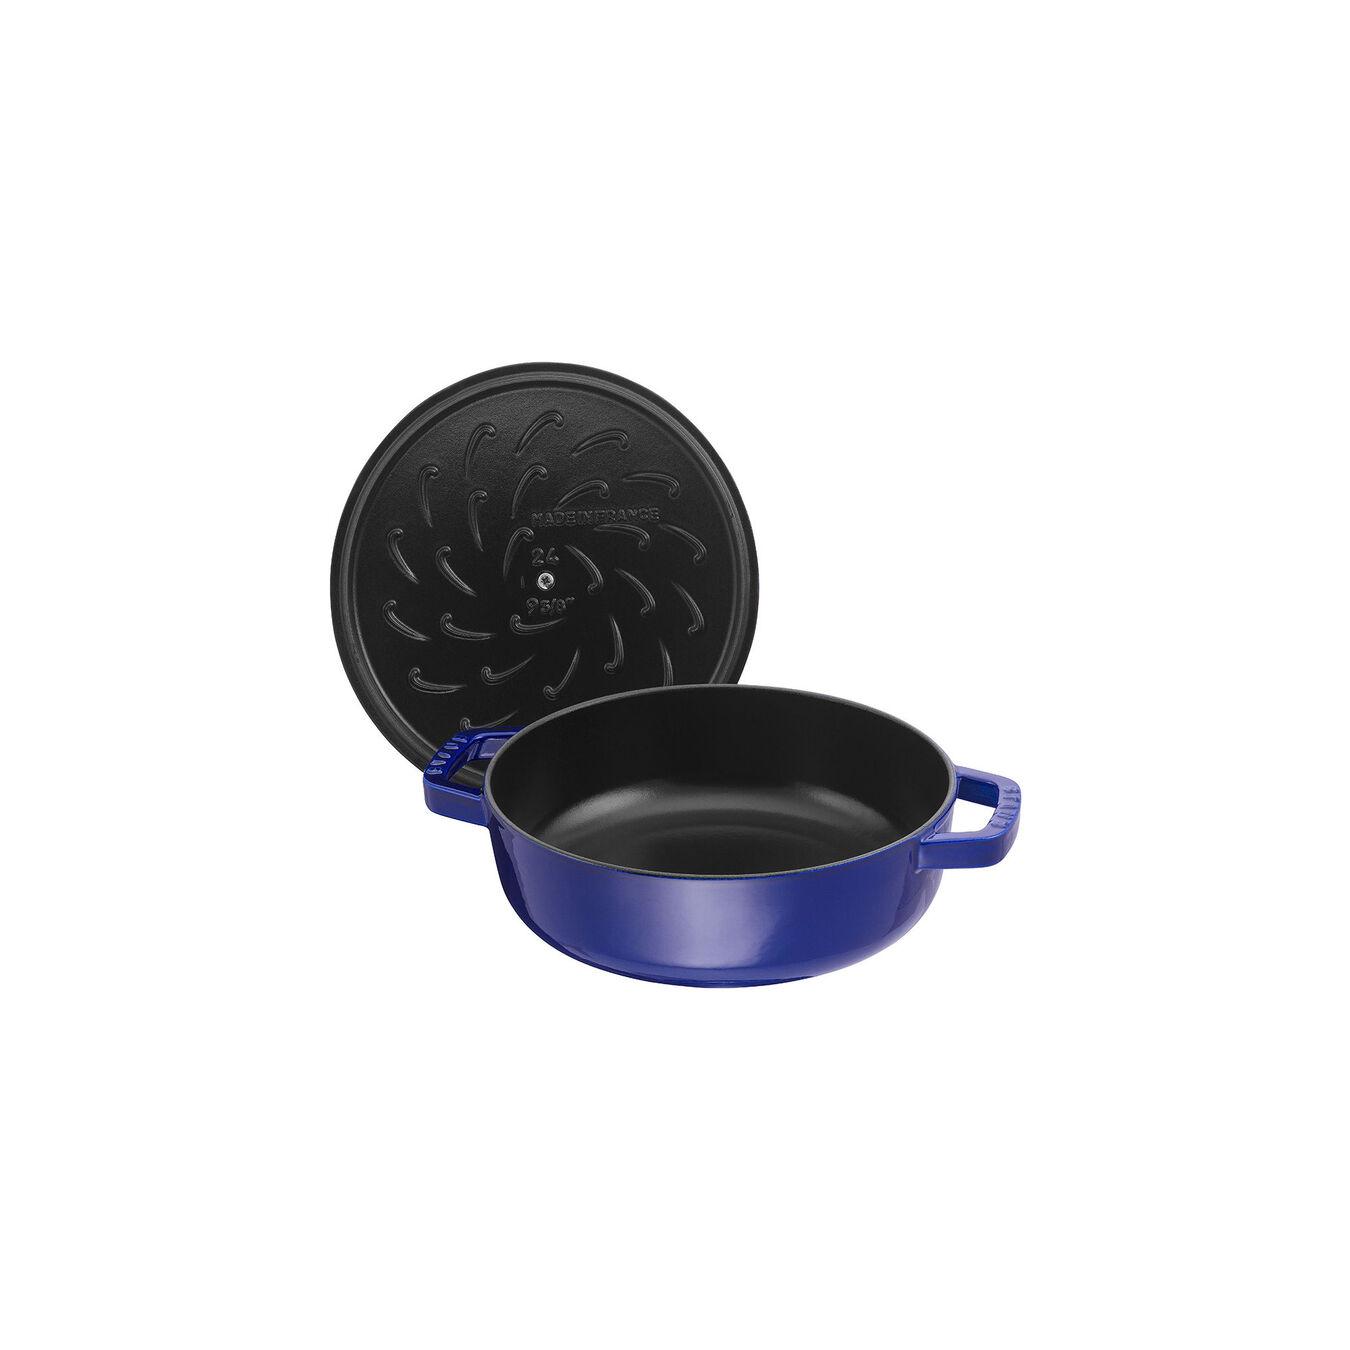 Tegame Chistera rotondo - 28 cm, blu scuro,,large 2